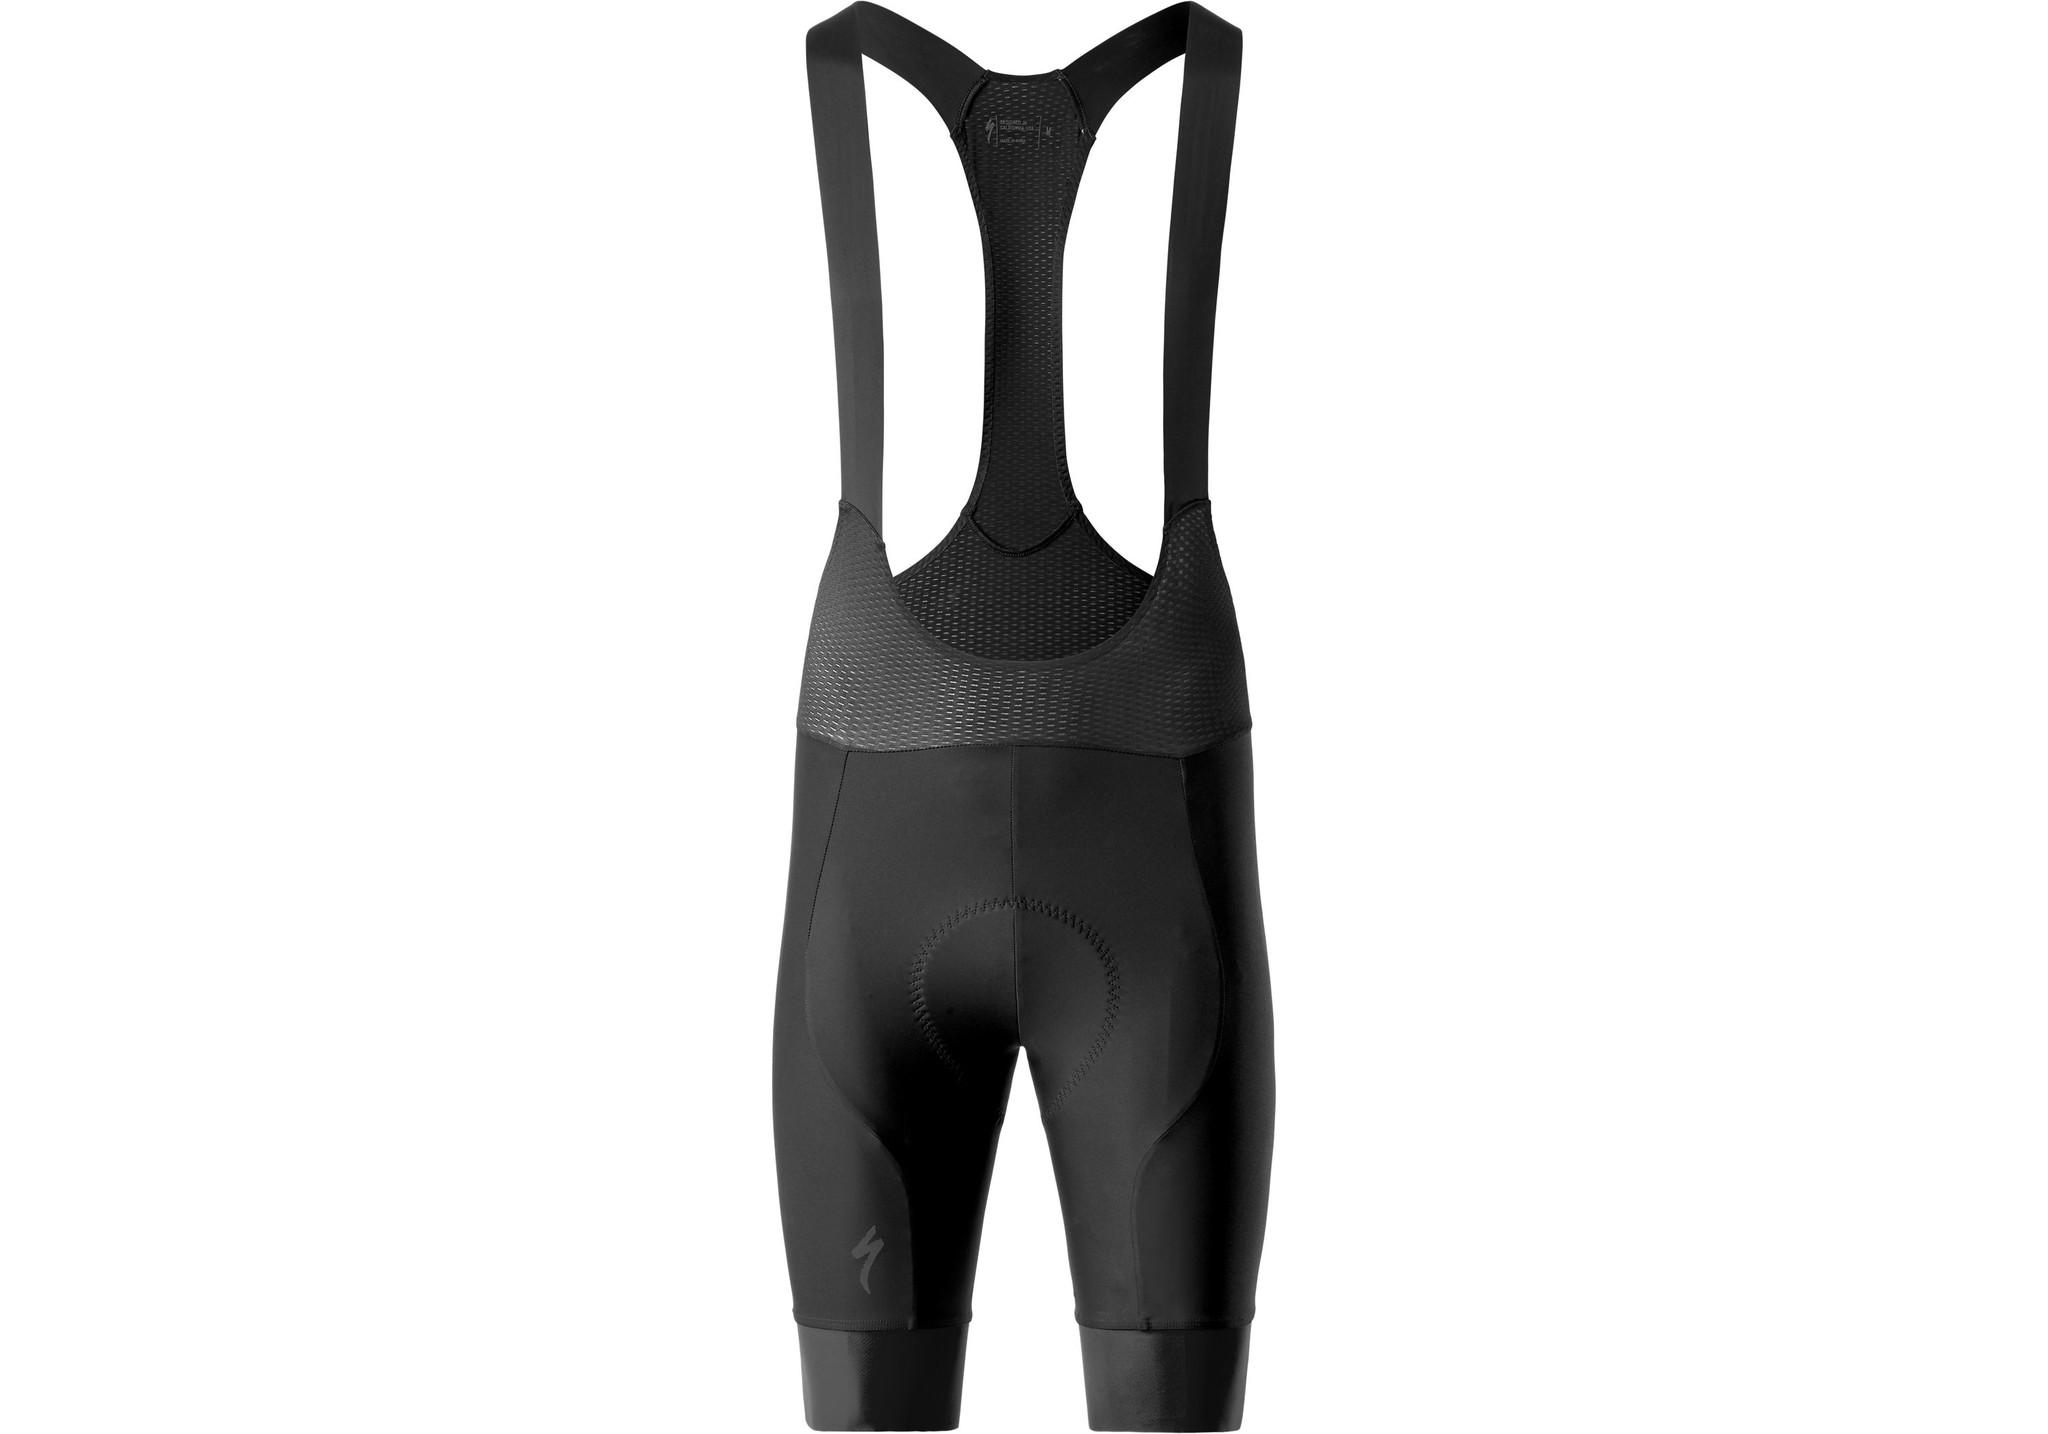 Specialized Specialized SL Race Bib Shorts